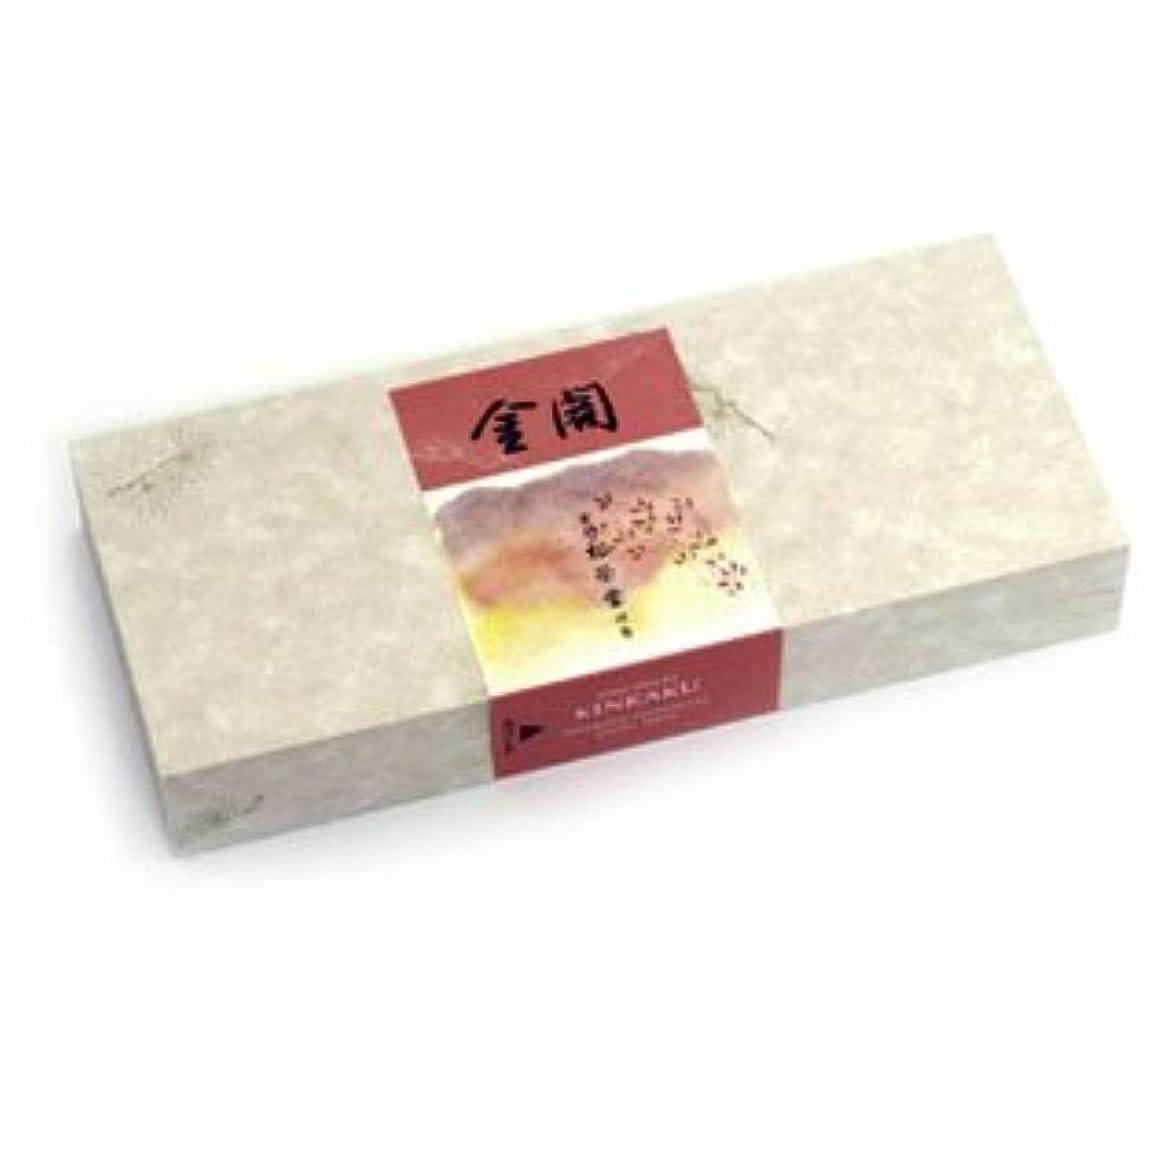 大騒ぎモノグラフ窒息させるShoyeido 's Golden Pavilion Incense、150 sticks – kin-kaku